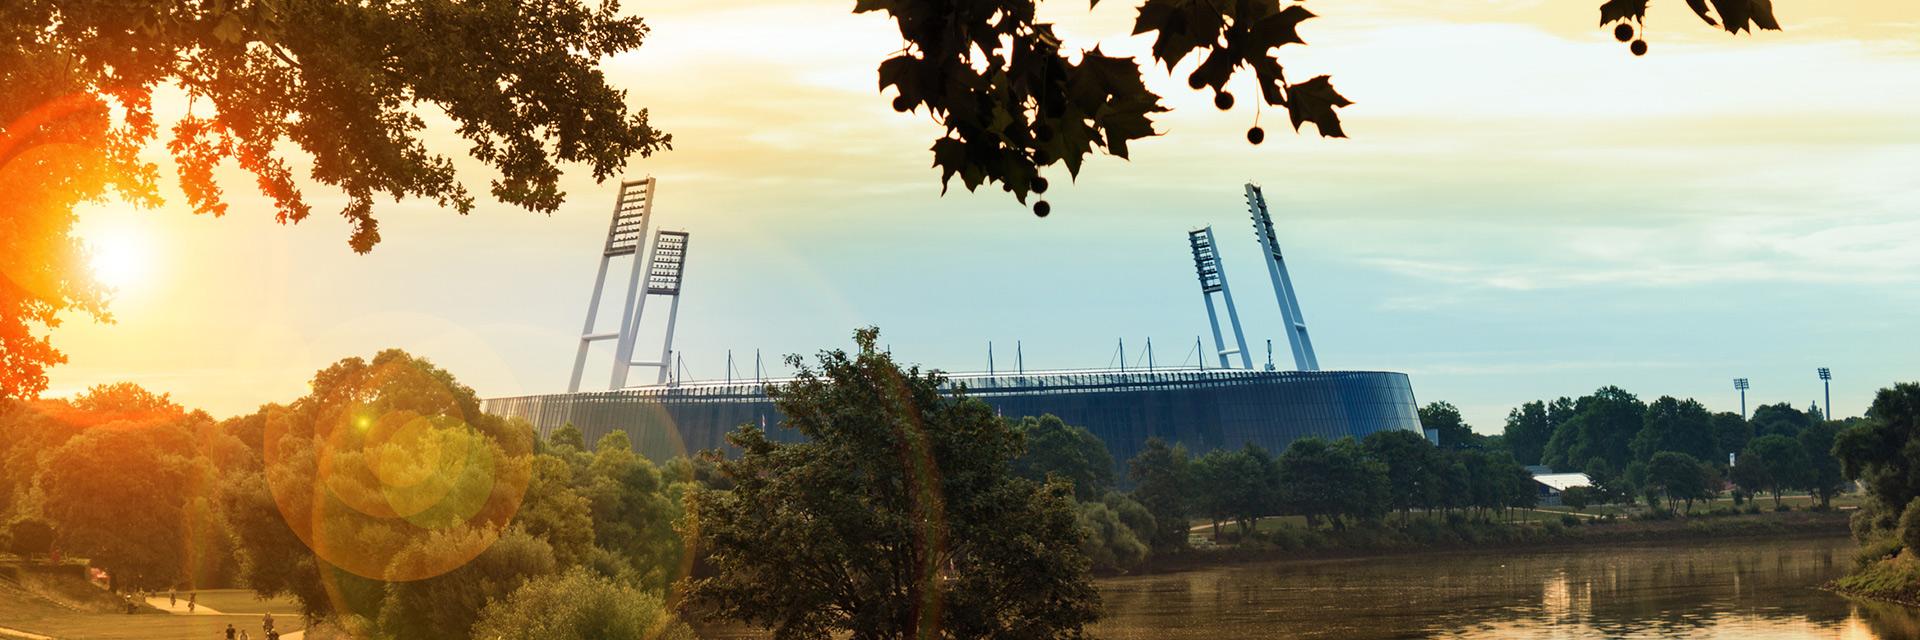 Foto von kessler∂ner des Weserstadion Bremen, Spielstätte des SV Werder Bremen